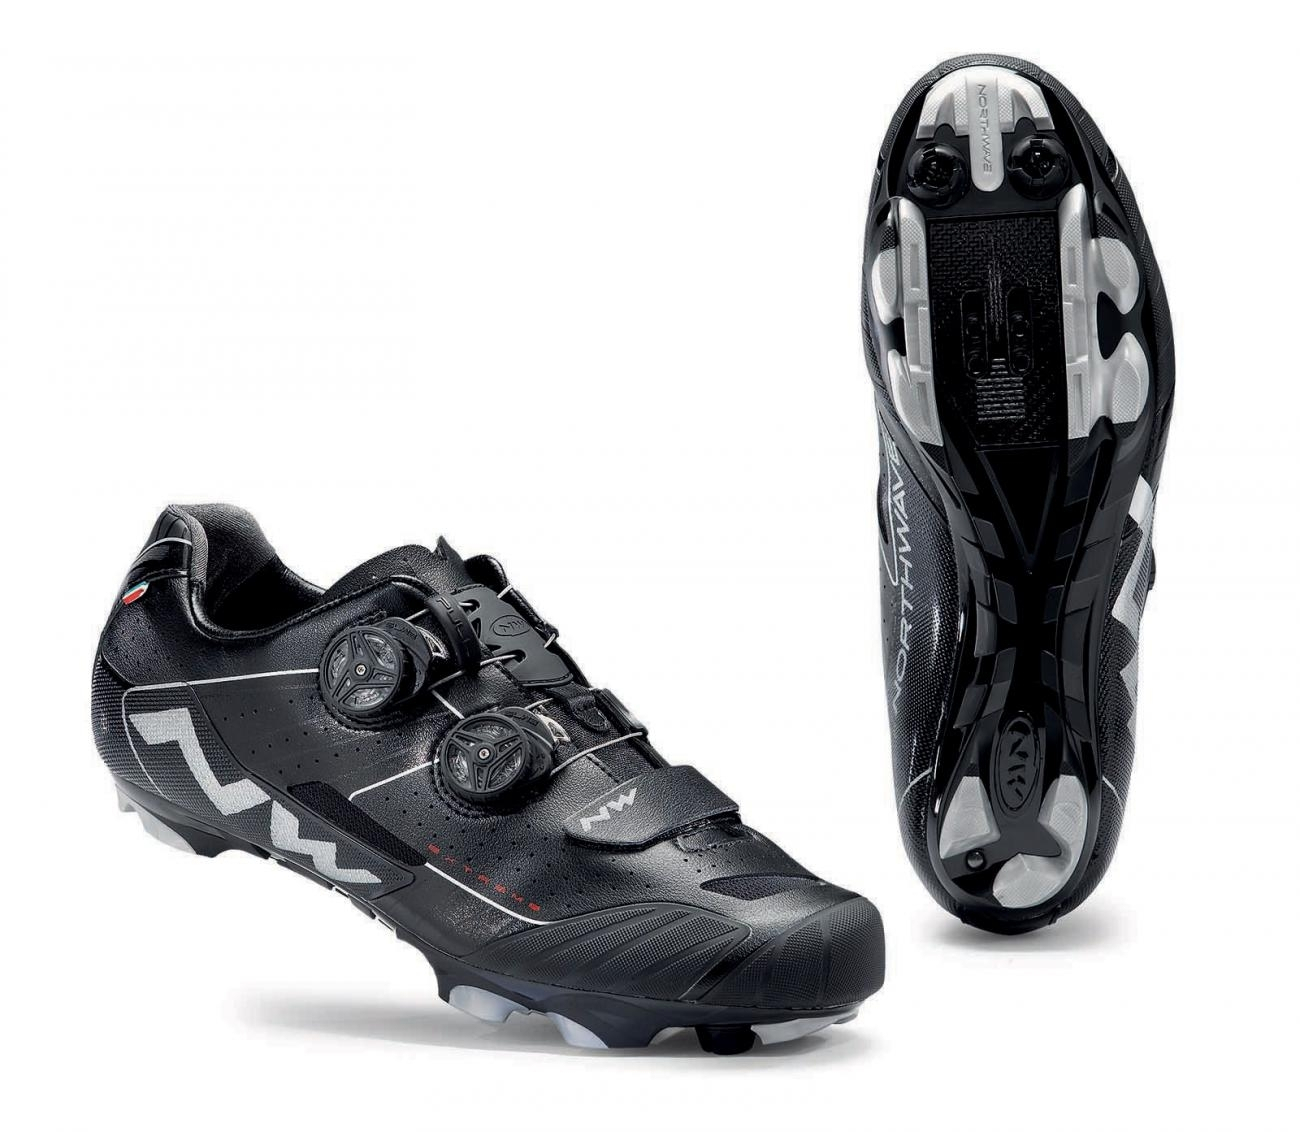 NORTHWAVE Man MTB XC shoes EXTREME XCM black